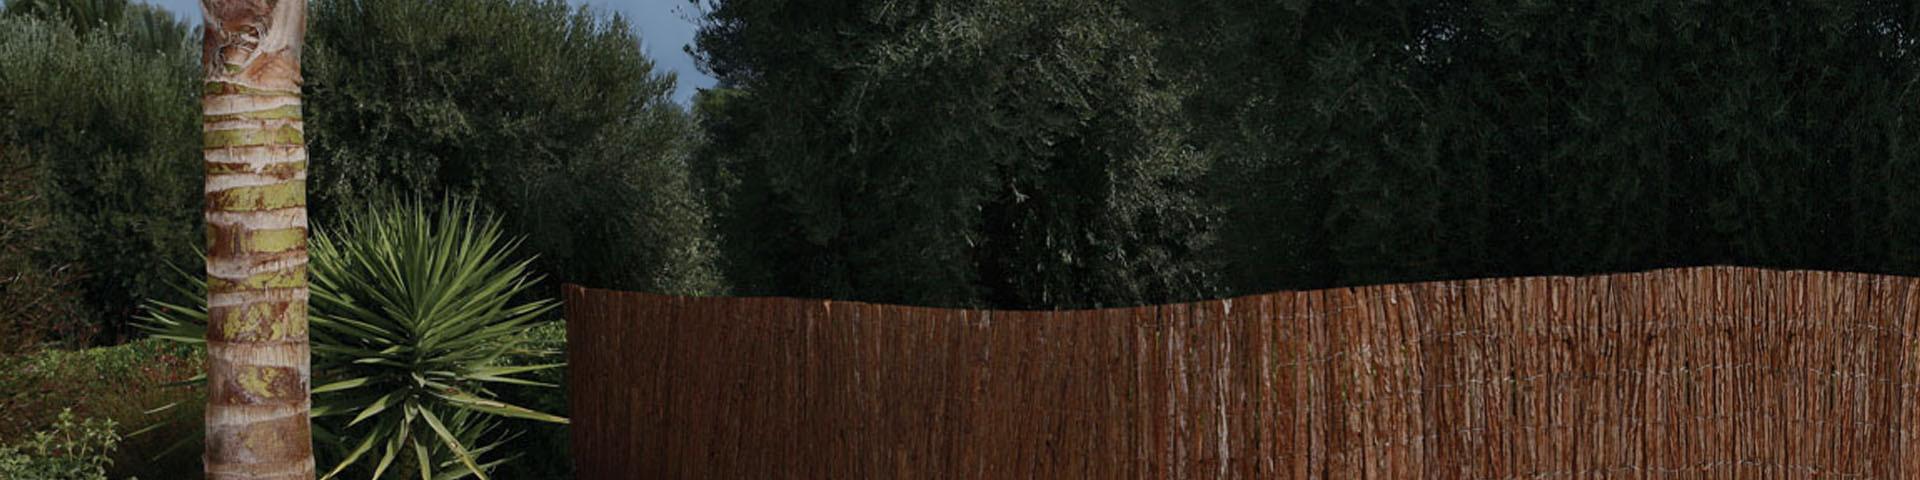 Canisse - Clôture naturelle - France green - écorce de pin - fougère